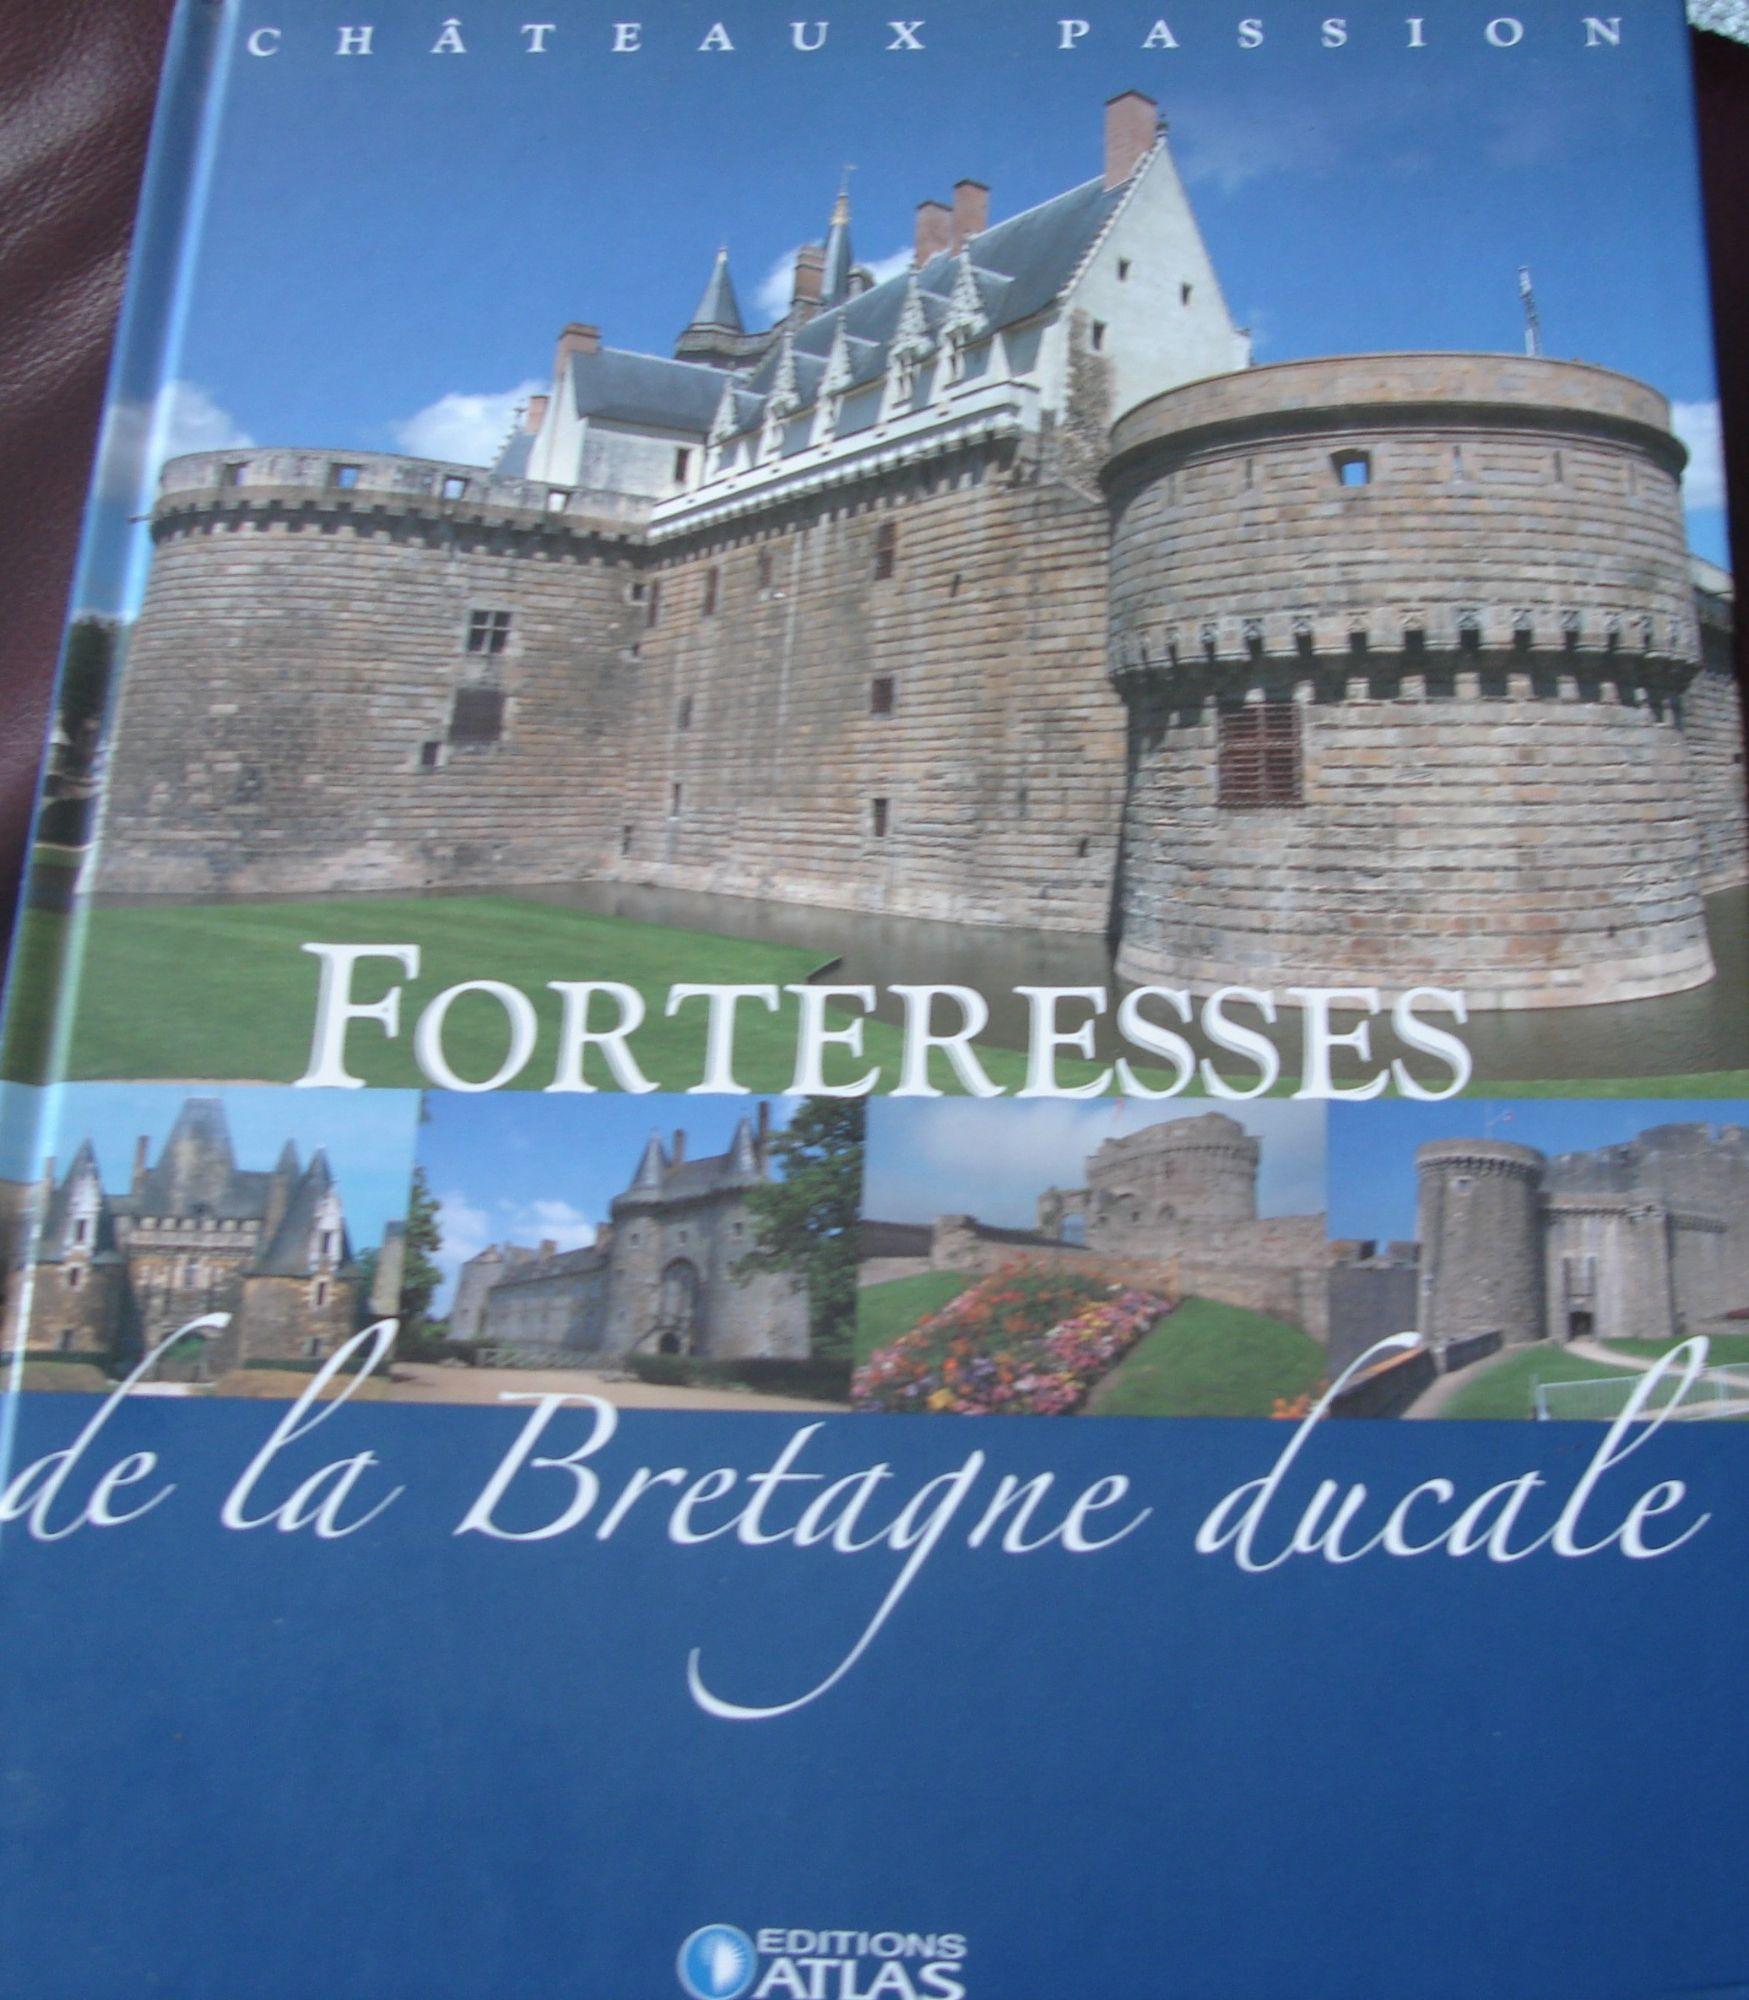 Châteaux passion Châteaux manoirs du Berry